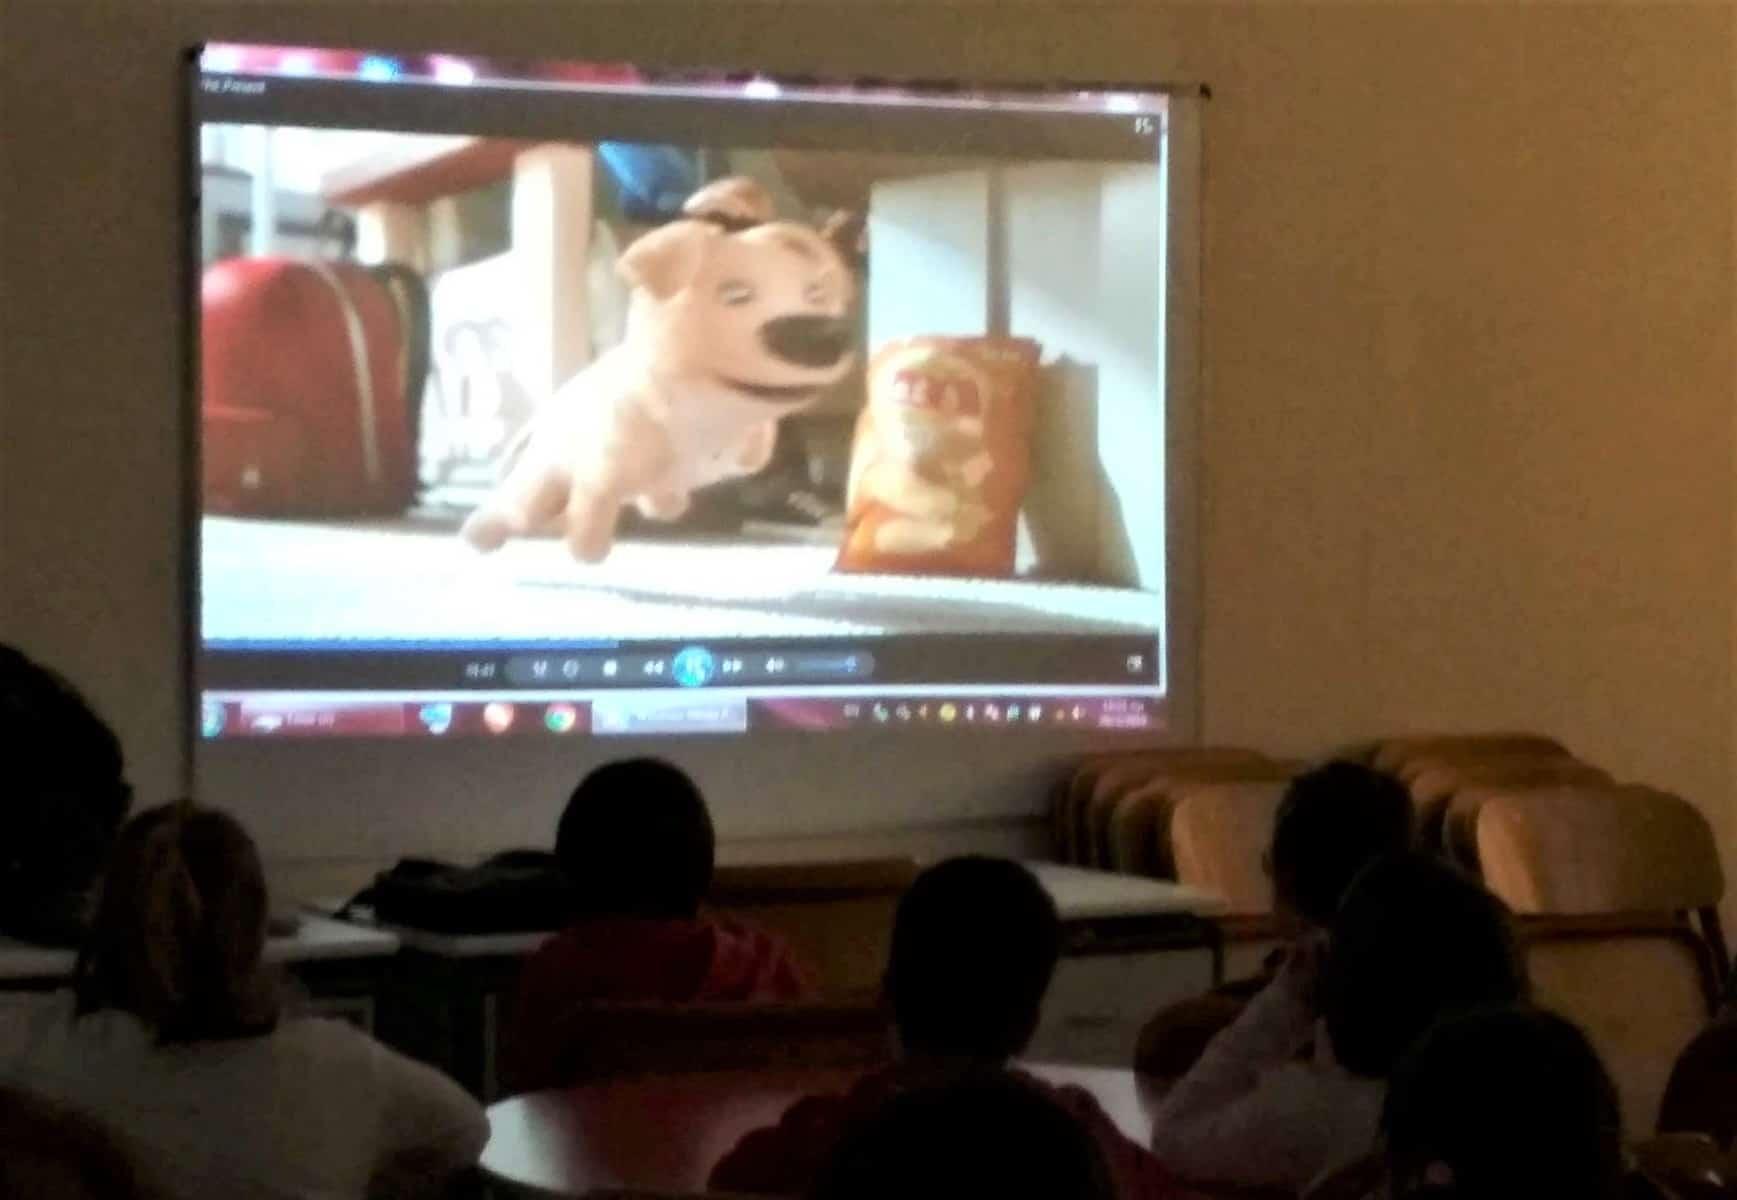 """""""Άνθρωποι και Ζώα Συγκάτοικοι στον ίδιο πλανήτη""""παρουσίαση στο 12ο δημοτικό σχολείο Ζωγράφου / PFPO's educational program """"People and animals: Roommates on the same planet"""" was presented at the 12th Primary School in Zografou Municipality"""